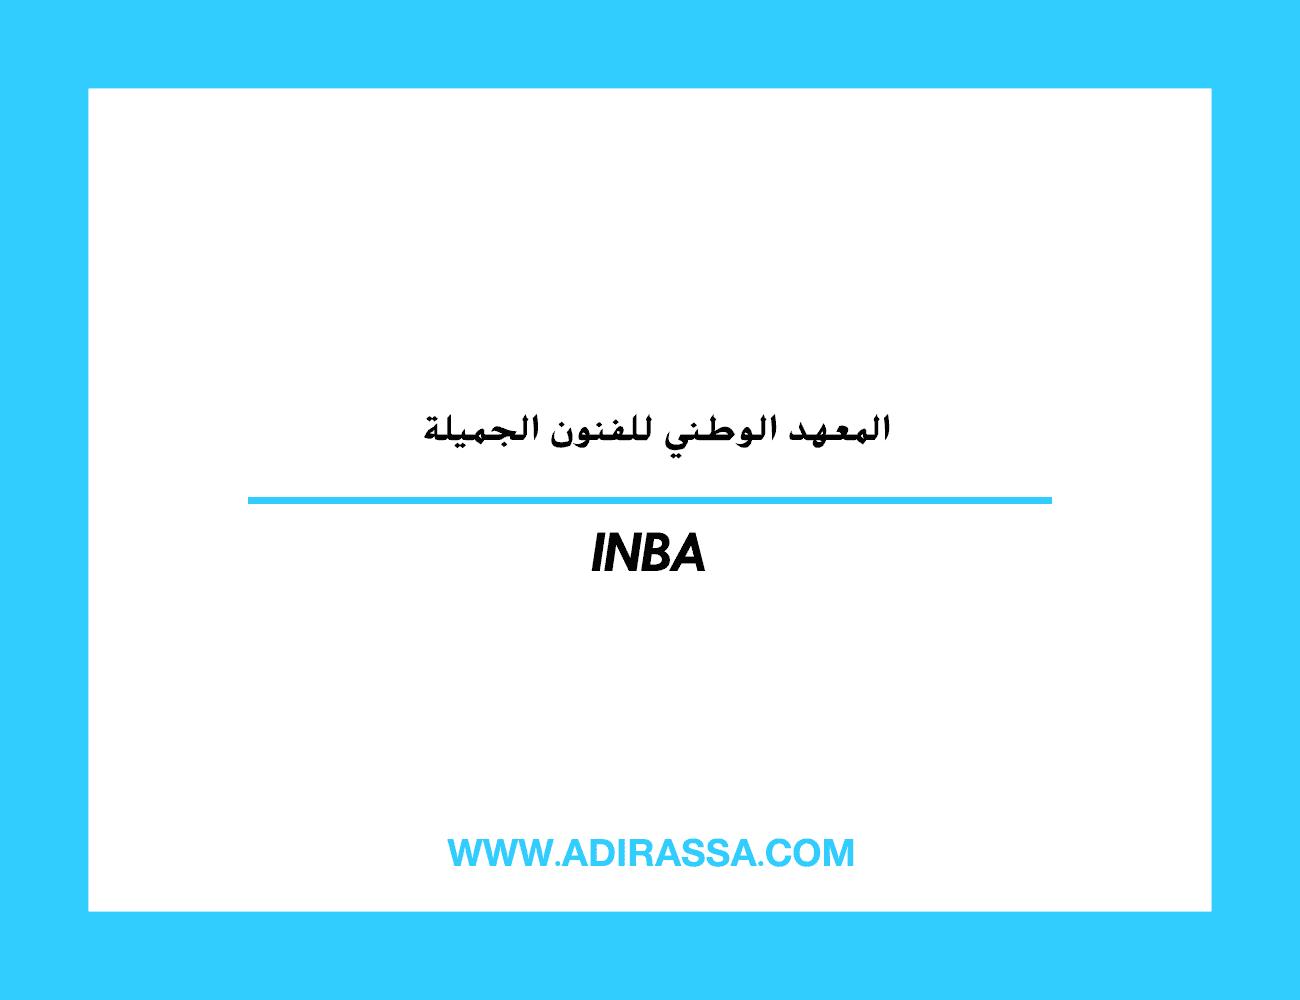 المعهد الوطني للفنون الجميلة للتكوين في مجالات الفنون بالمغرب